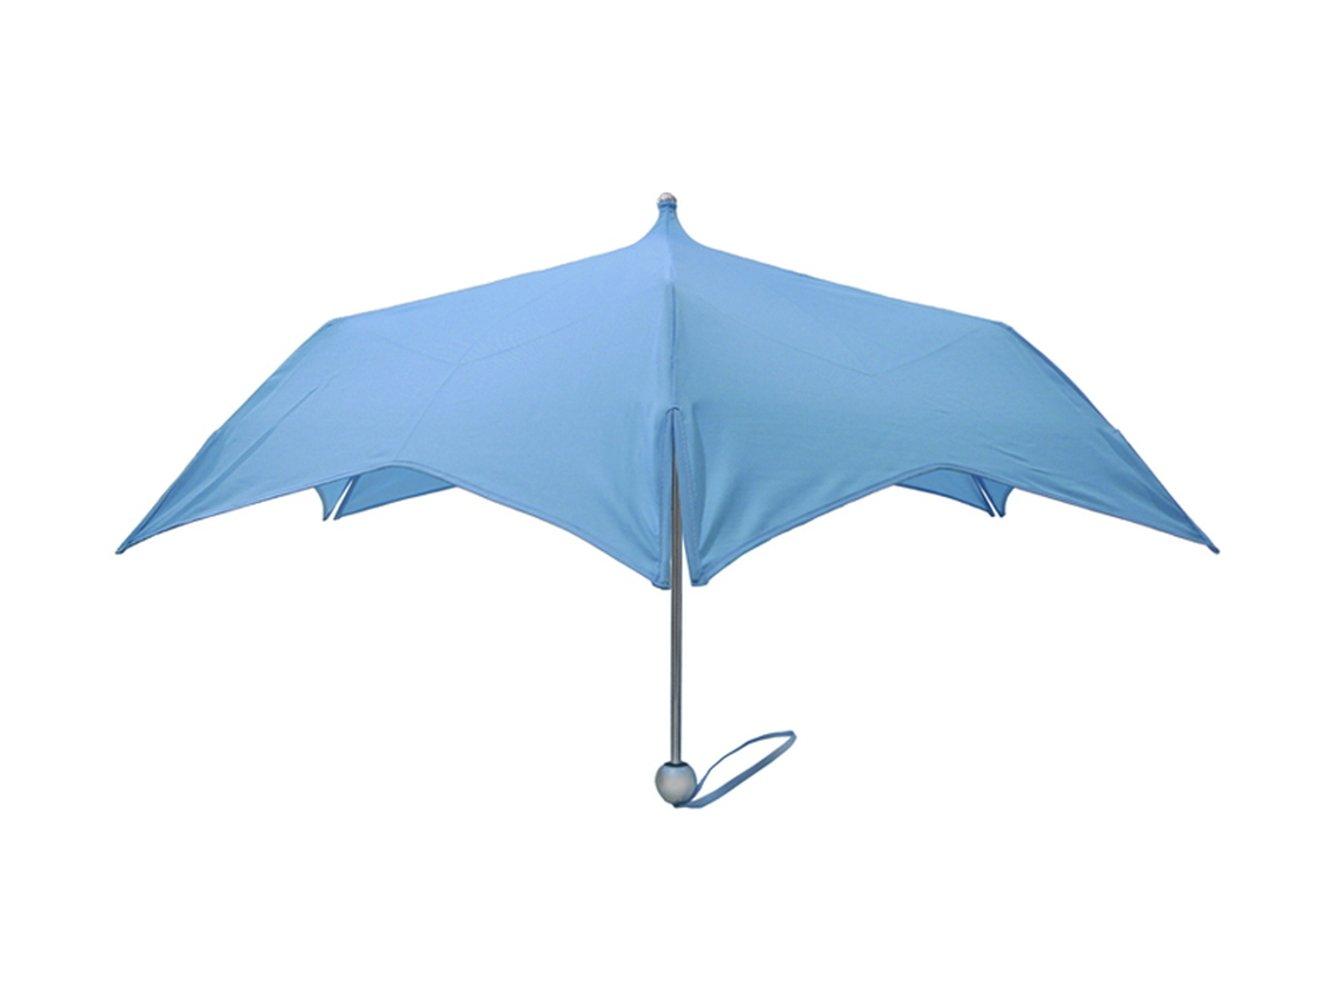 【正規輸入品】 ディチェザレ デザイン マルガリータ スーパーミニ 1 トーン 全3色 折りたたみ傘 手開き 日傘/晴雨兼用 ターコイズ 12本骨 55cm グラスファイバー骨 テフロン加工 B00T7RFFUC ターコイズ ターコイズ